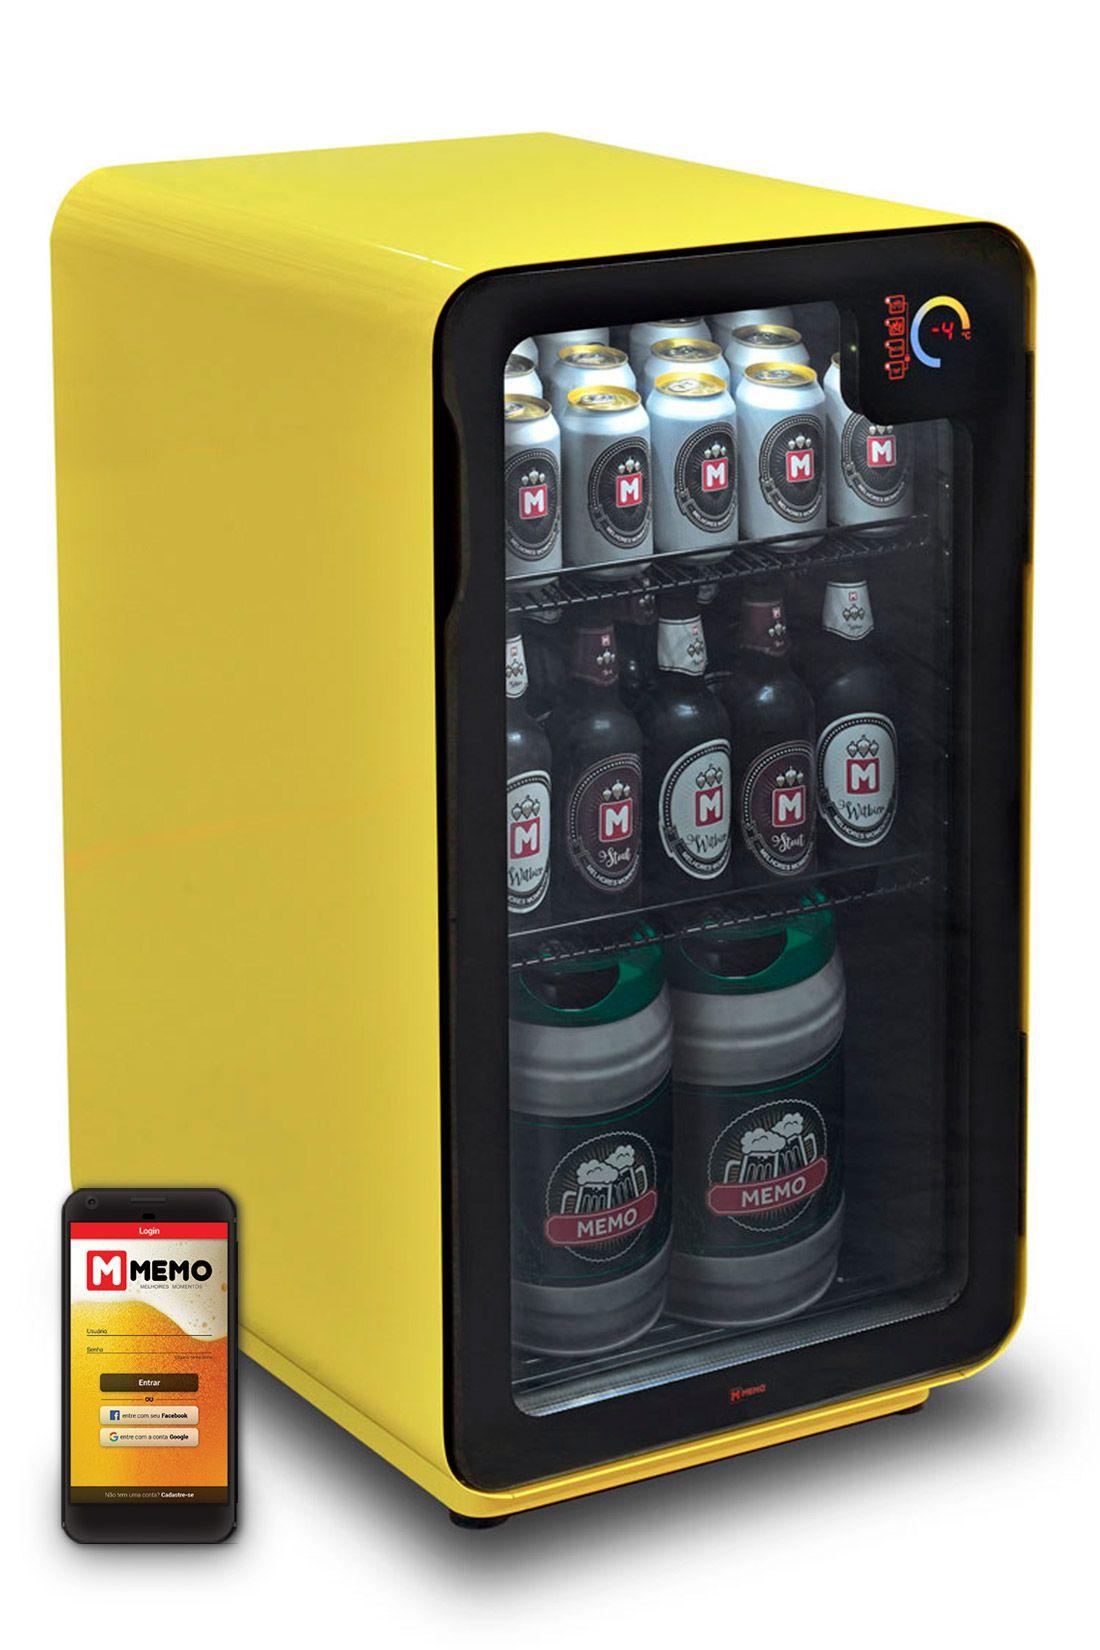 Cervejeira Memo 100 litros Frost Free Amarela com Wi-fi